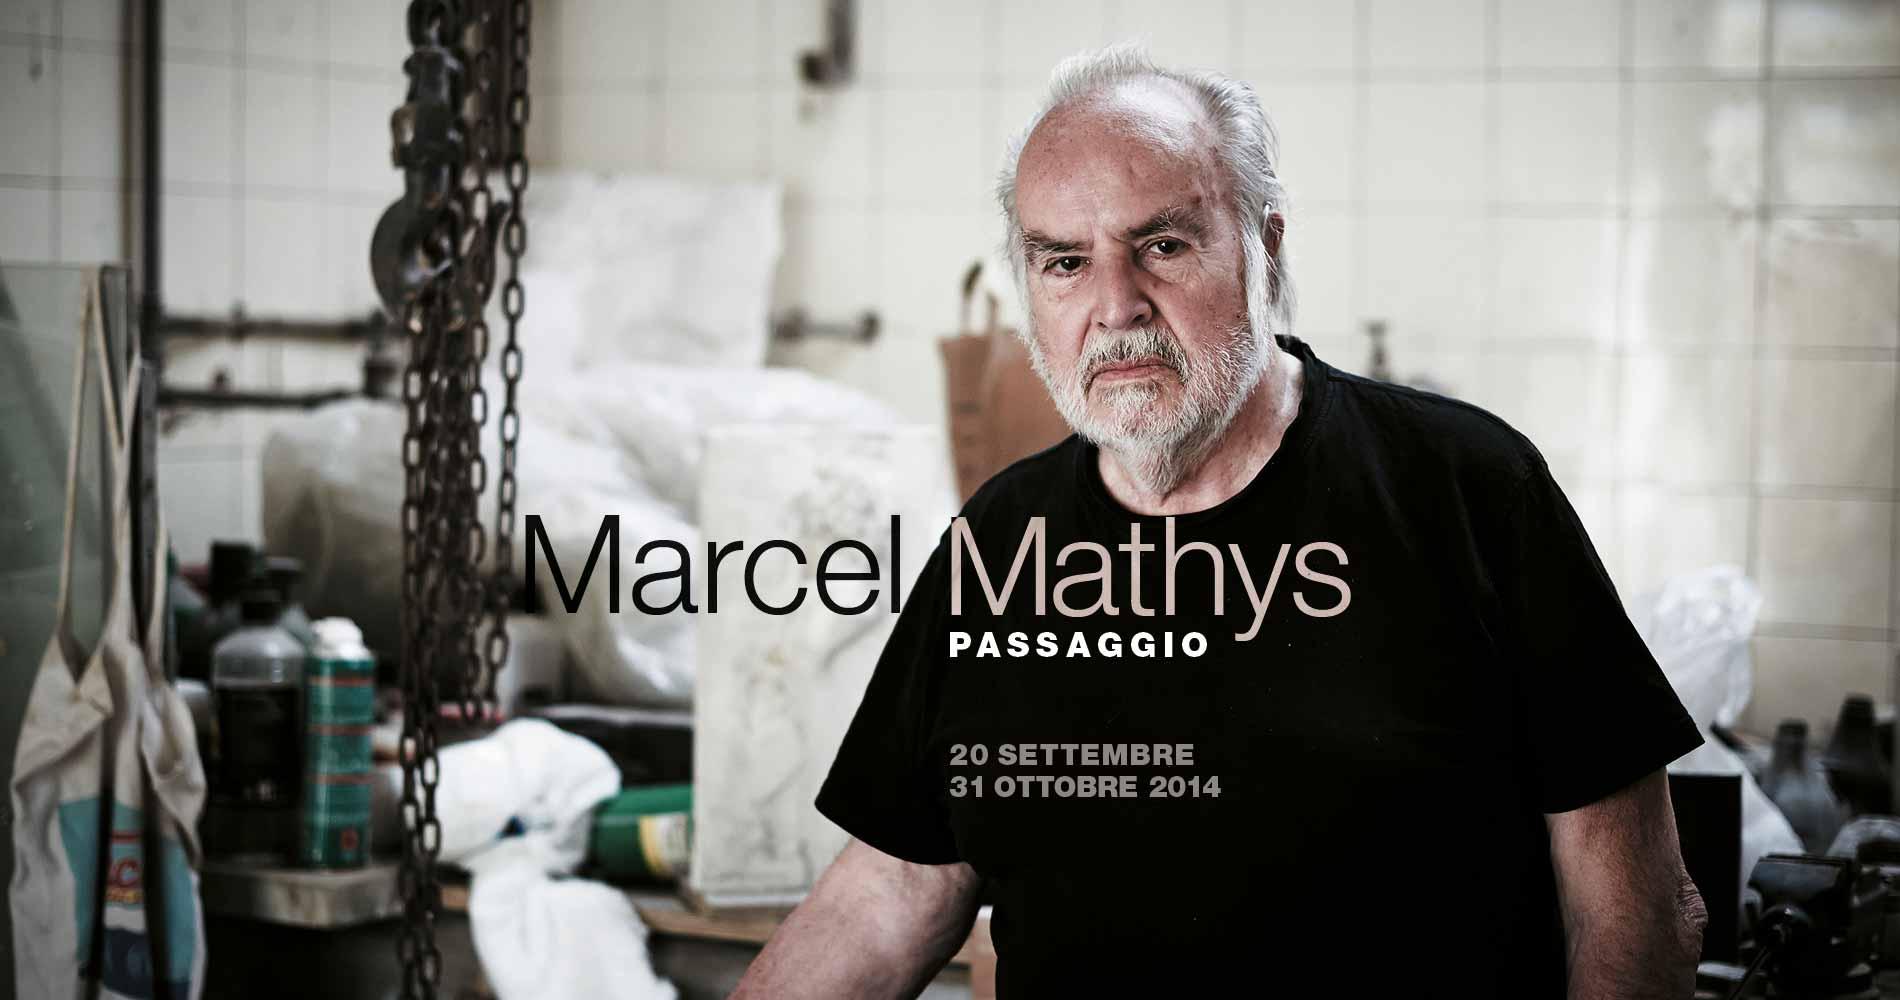 Passaggio di Marcel Mathys